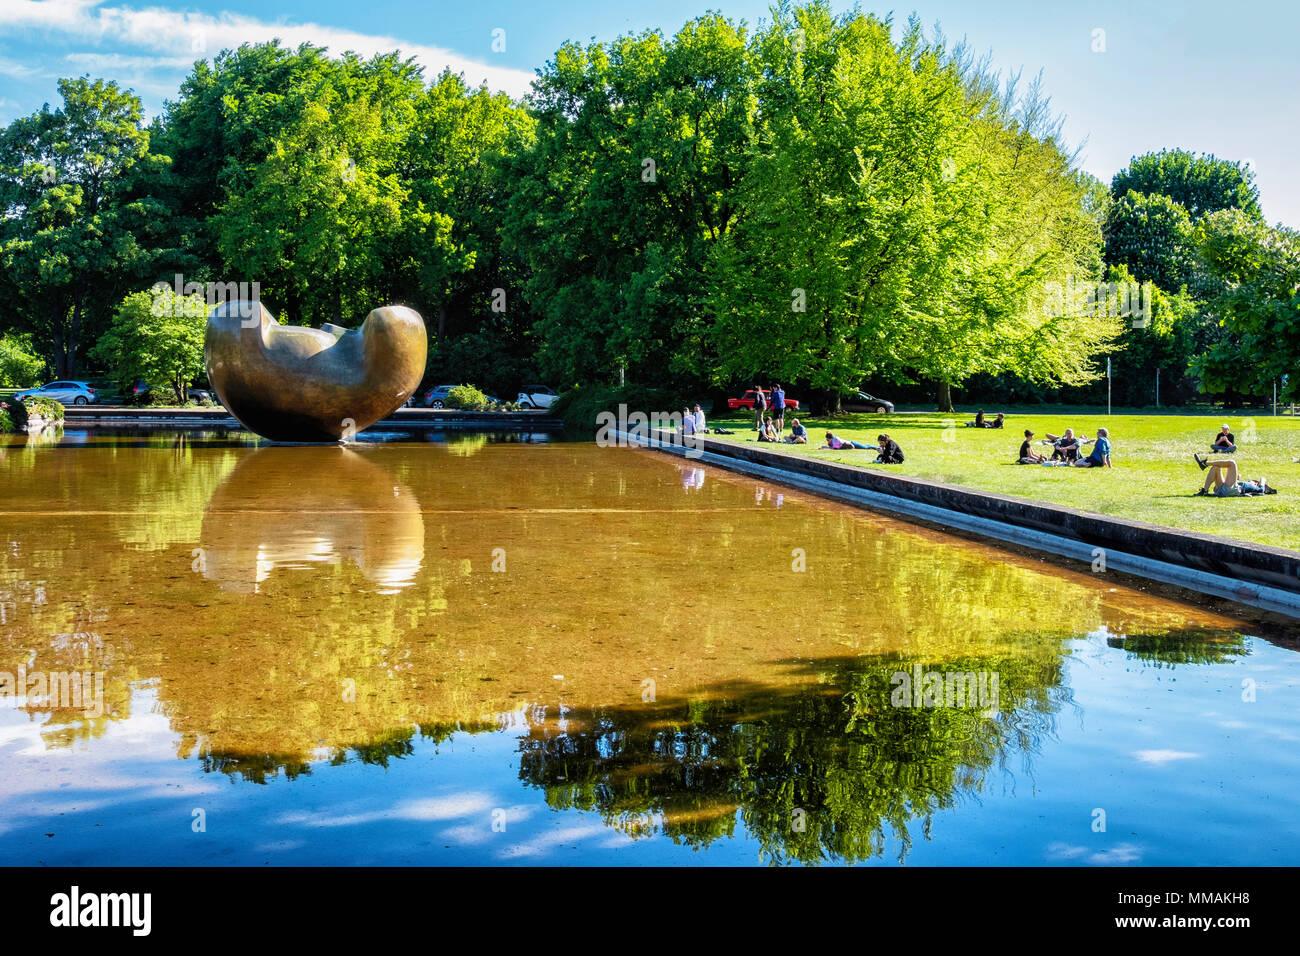 De Berlín, el Tiergarten. Escultura de Henry Moore en el estanque la HKW {Haus der Kulturen der Welt). Imagen De Stock